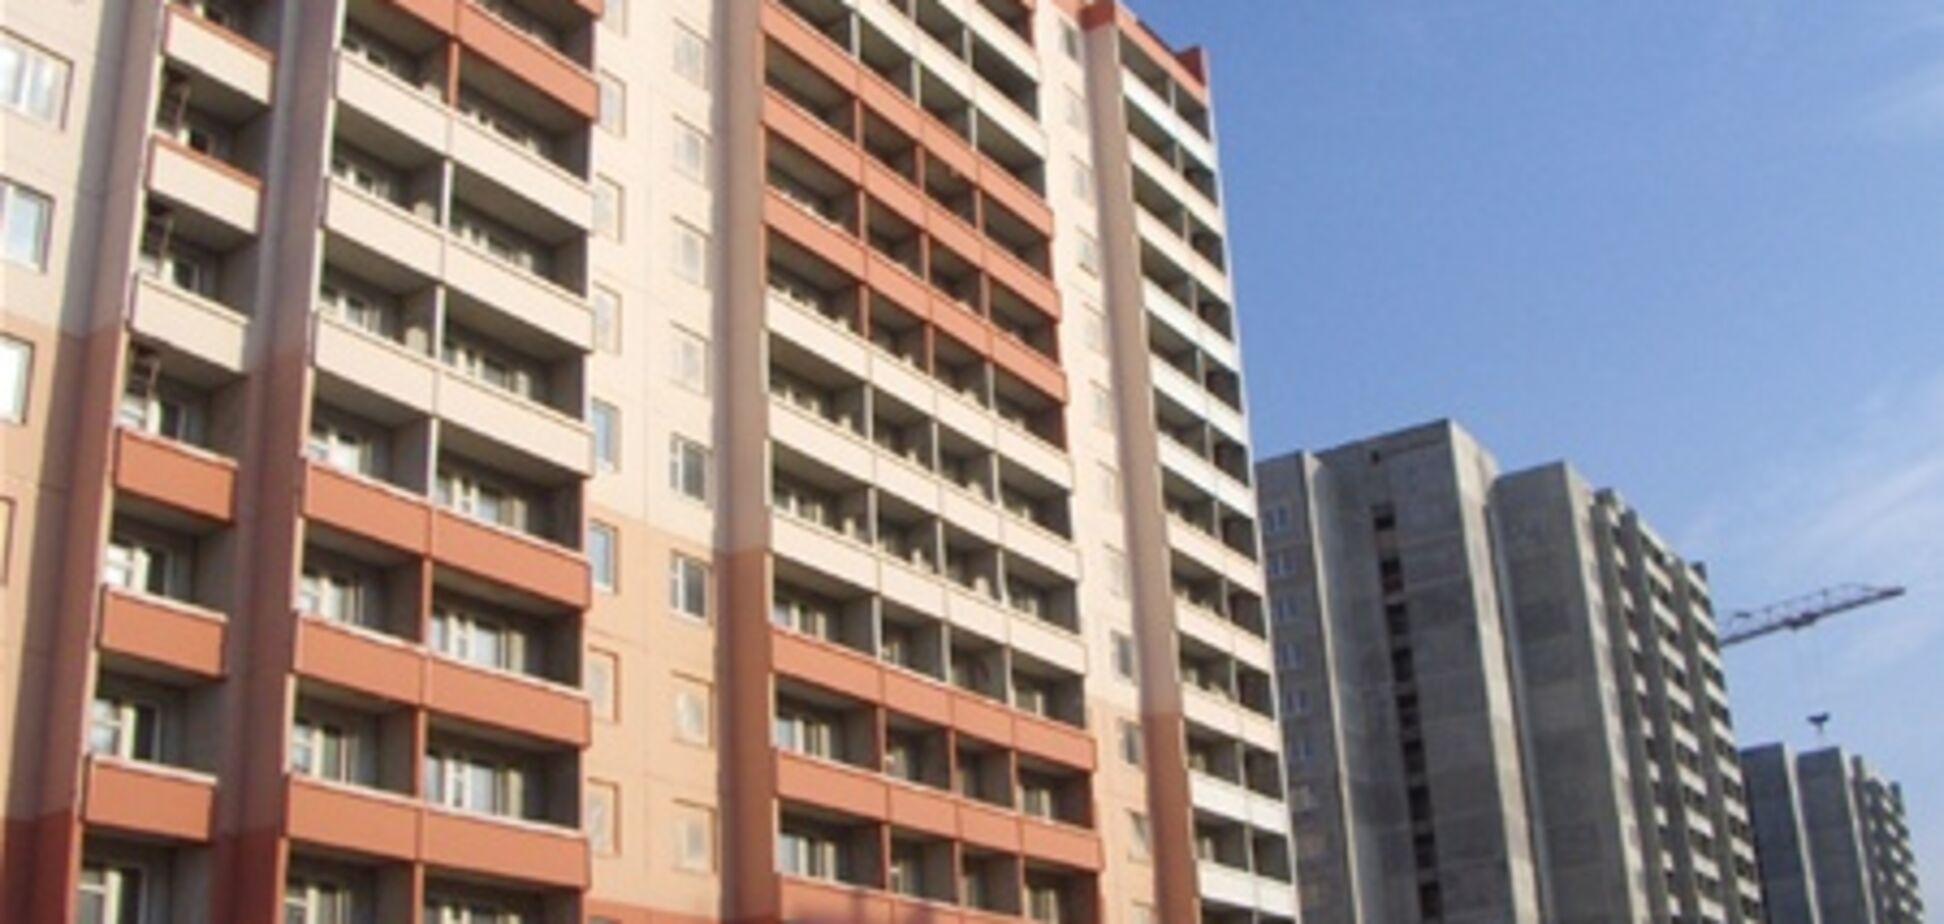 За аренду квартиры в Киеве придется платить больше